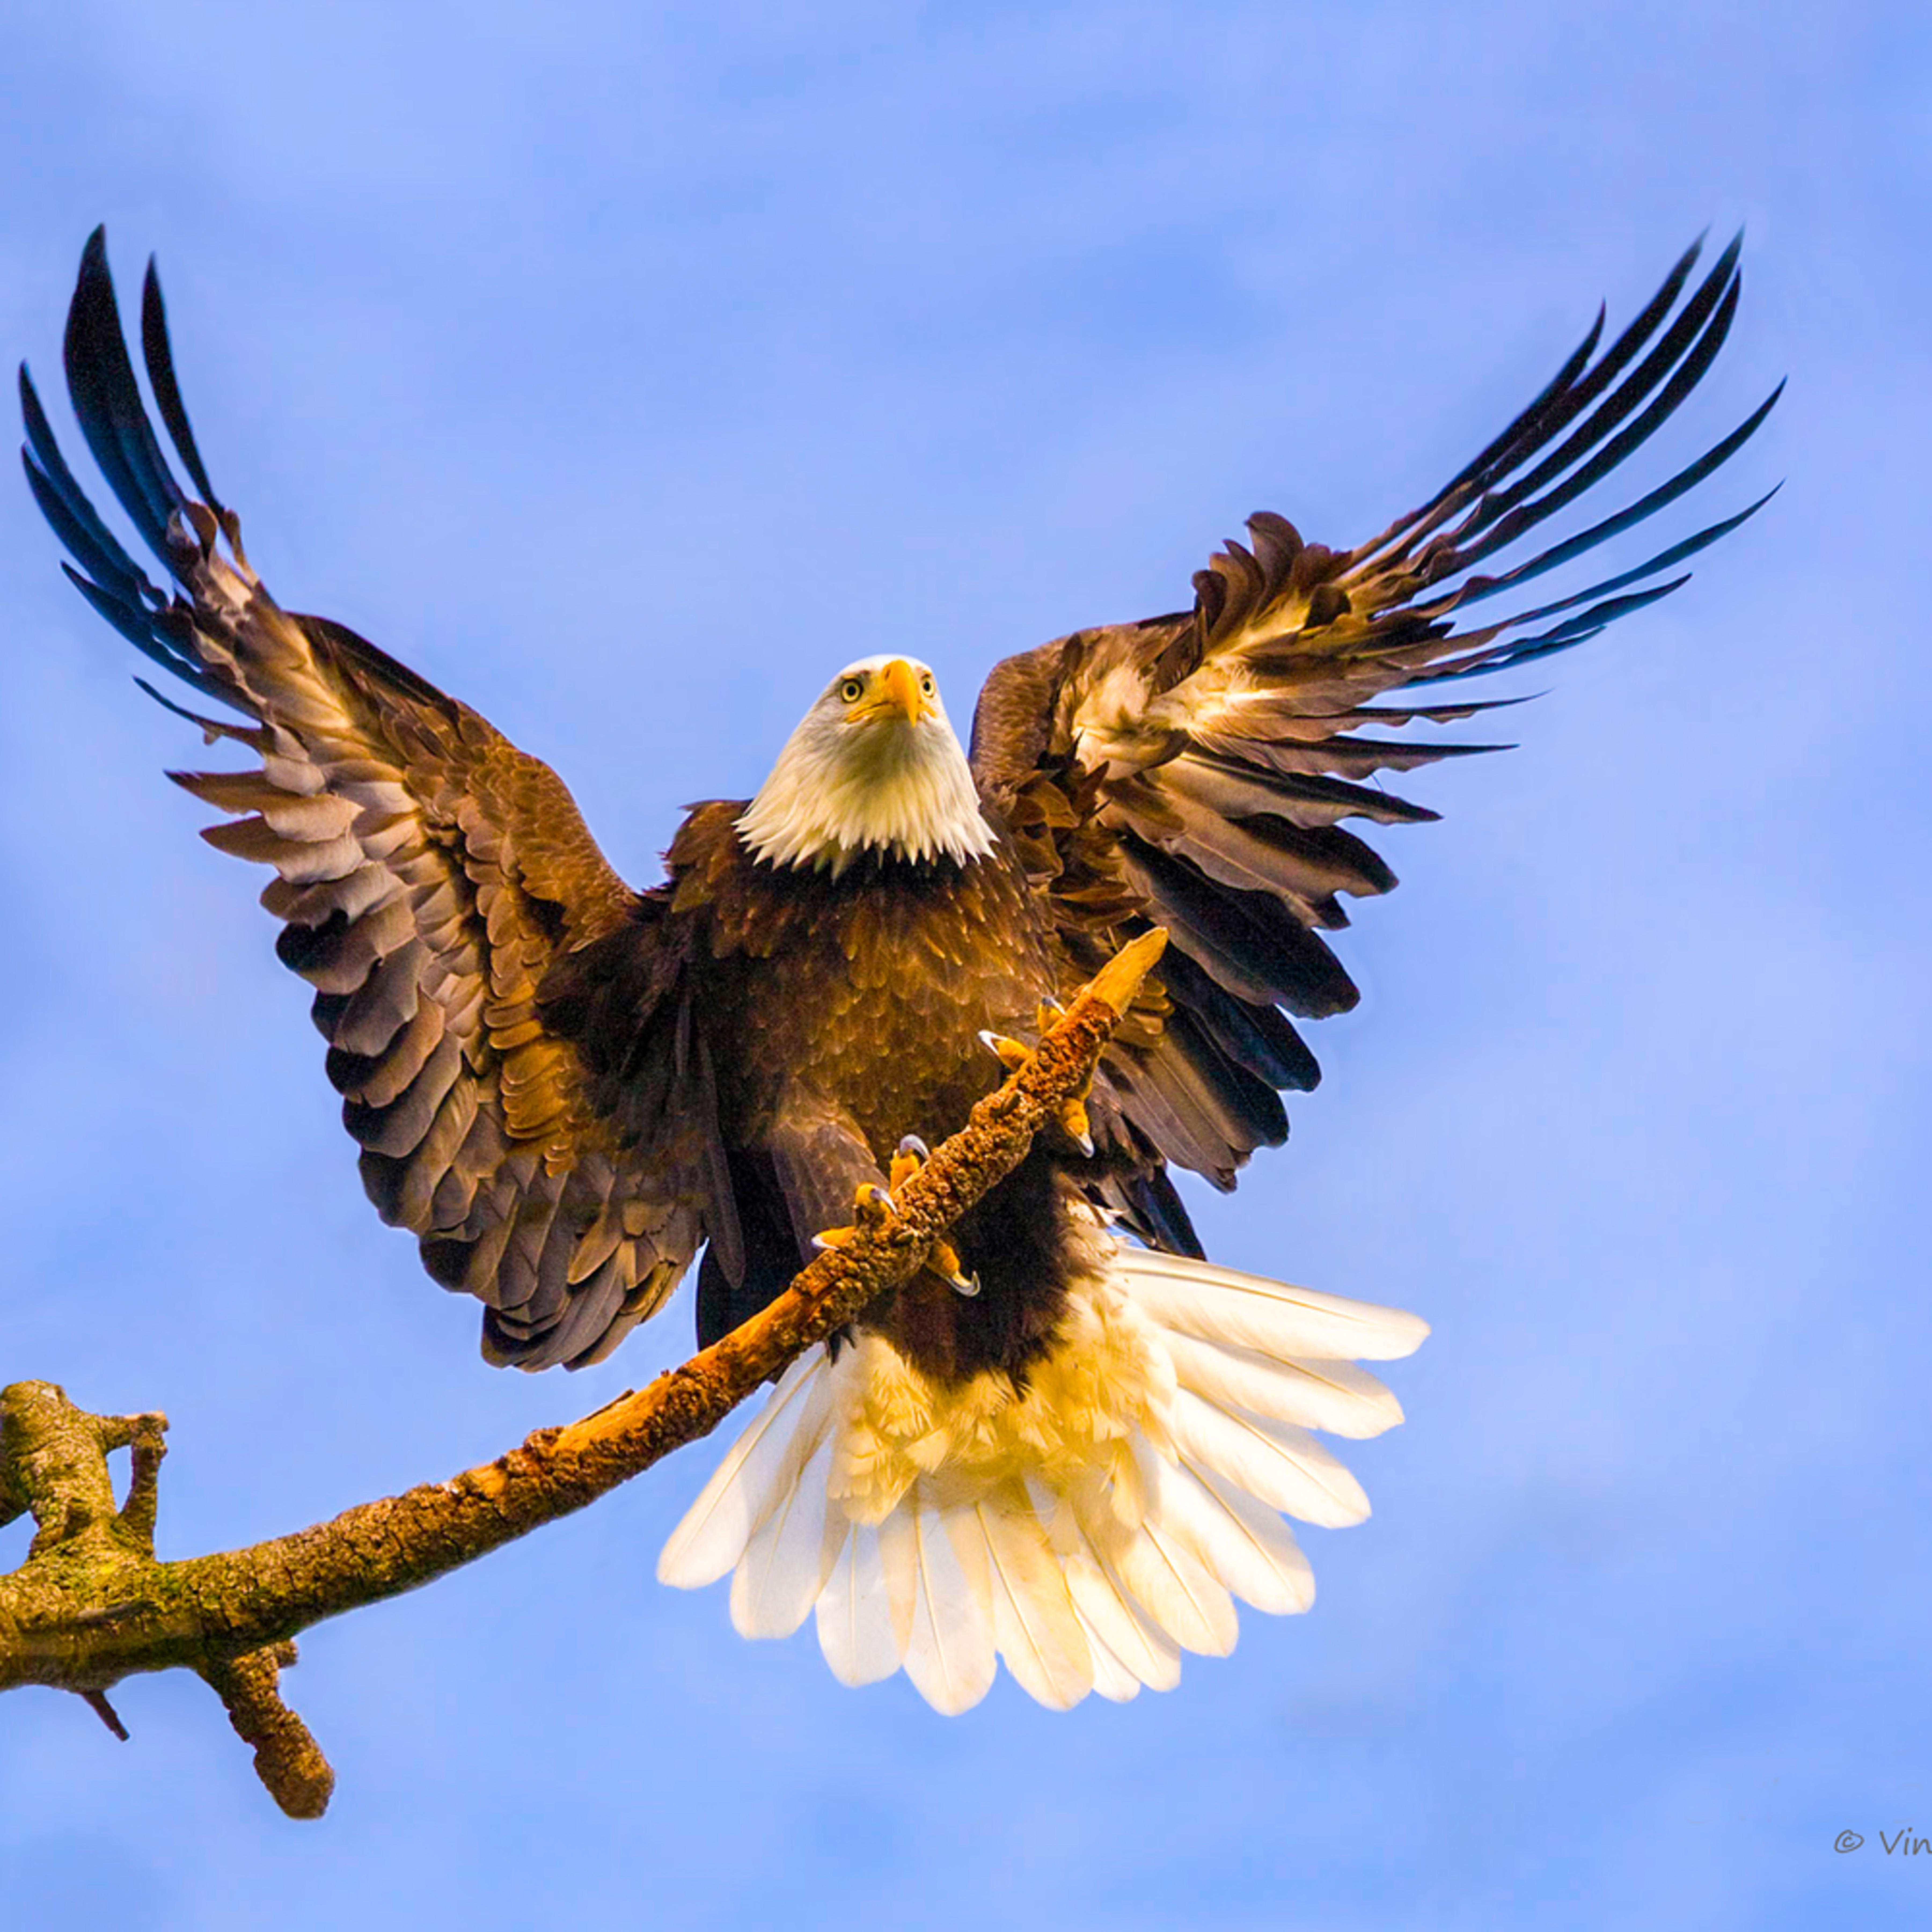 Eagle landing asf final u9bkpq